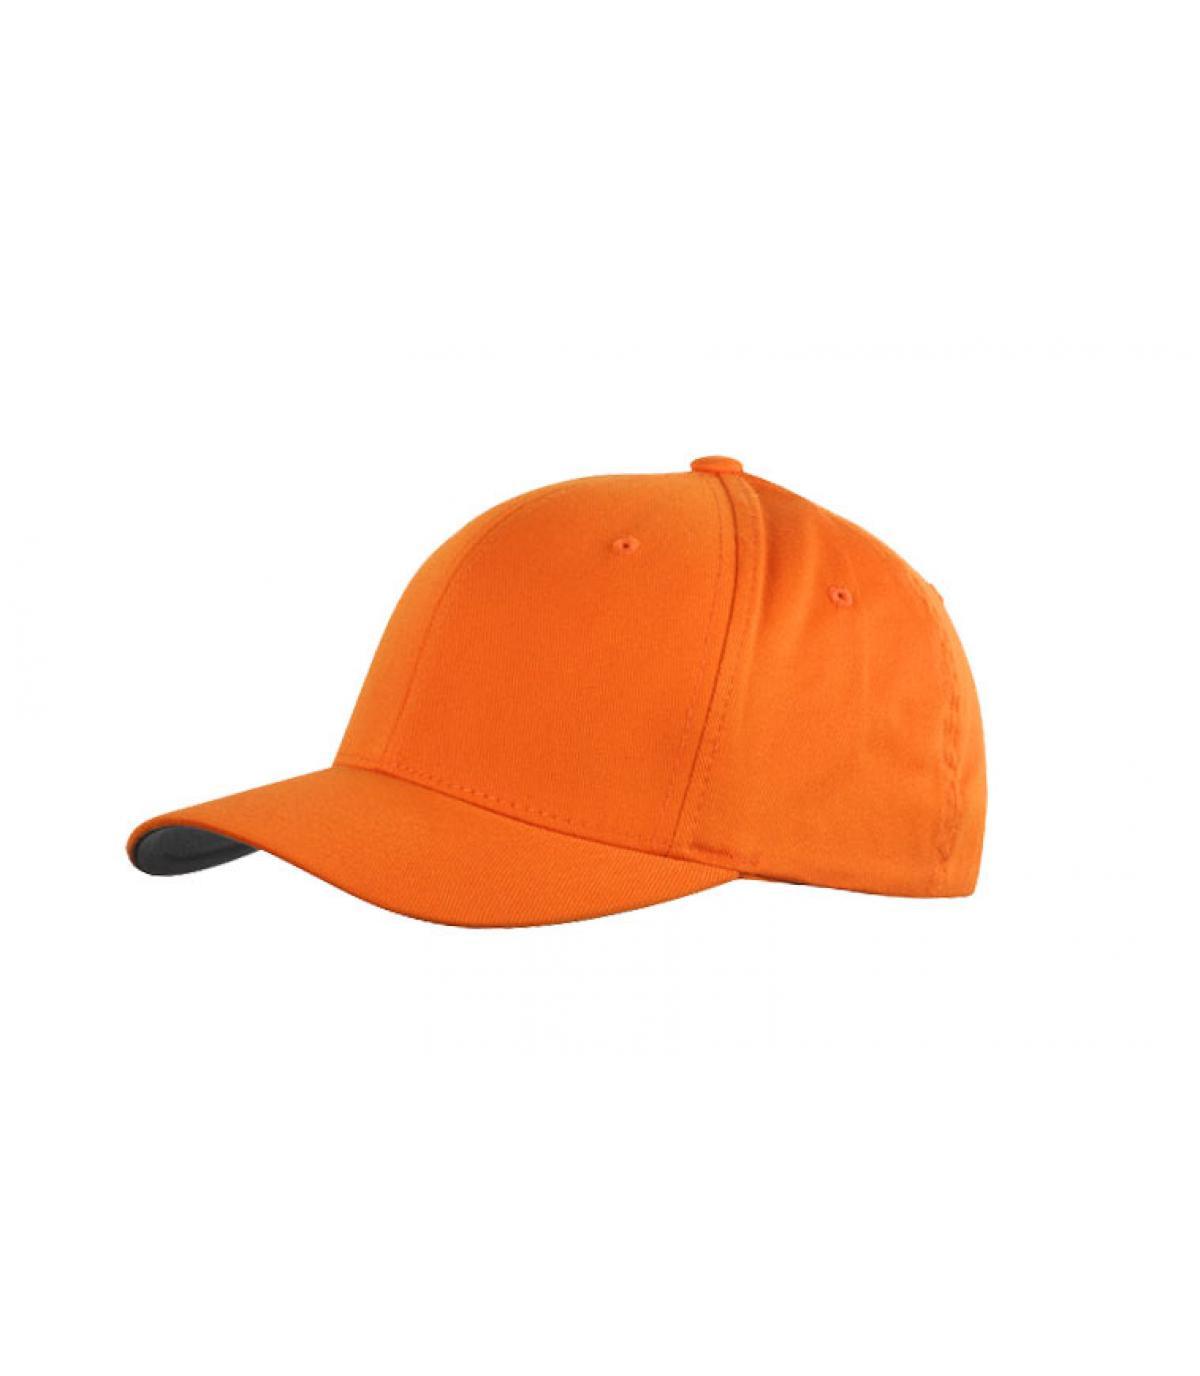 Détails Flexfit cap orange - image 2